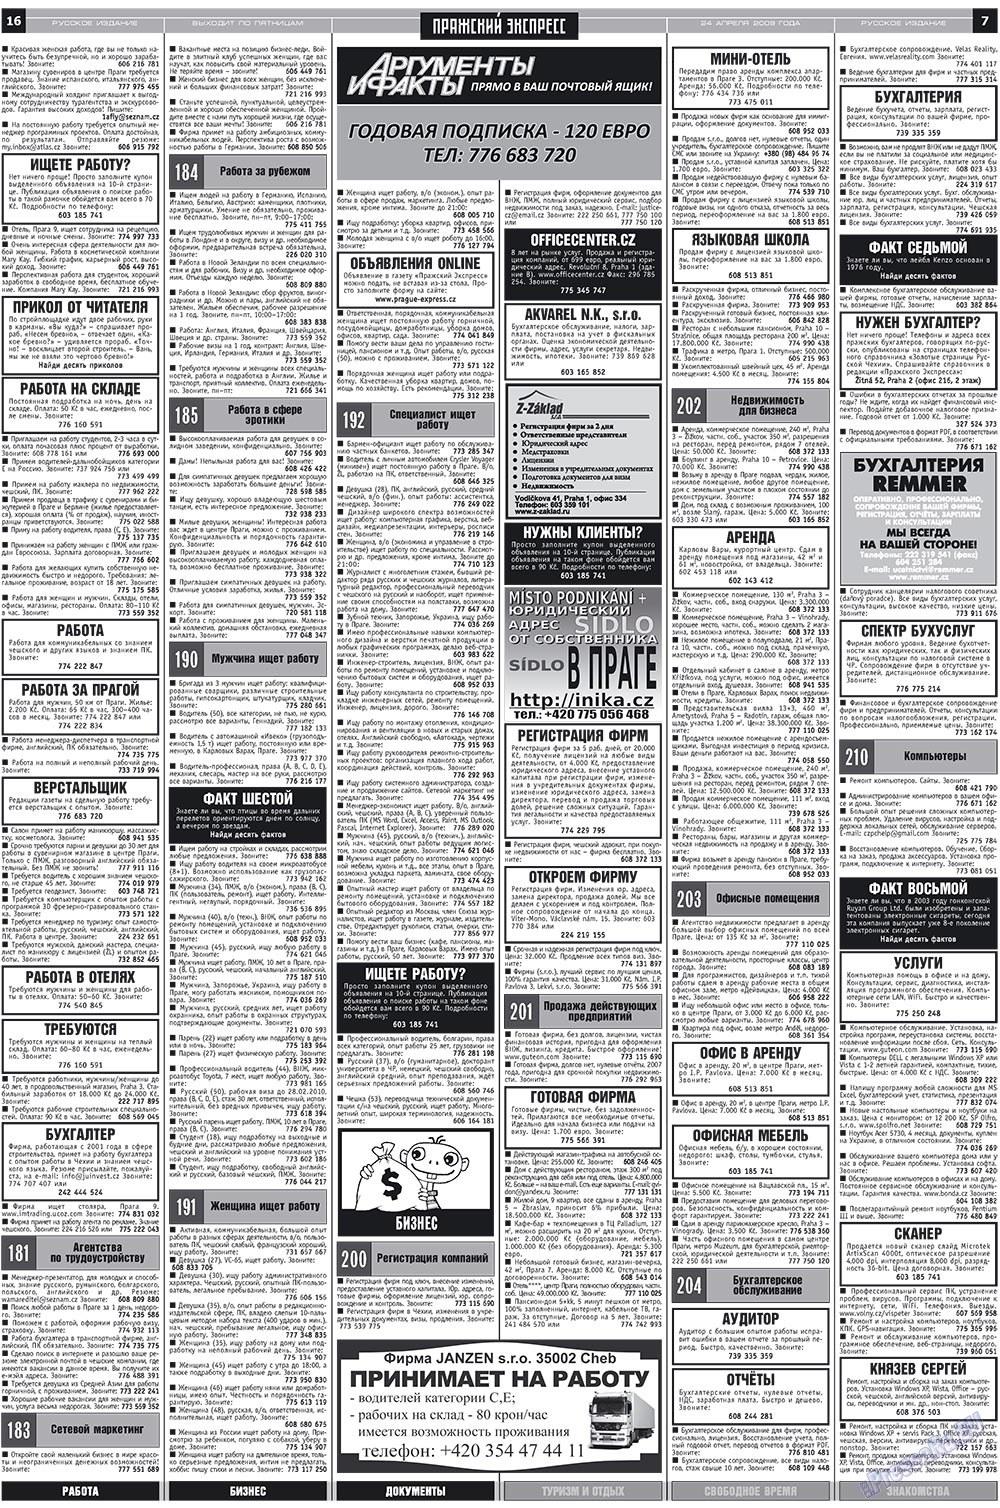 Пражский экспресс (газета). 2009 год, номер 16, стр. 7